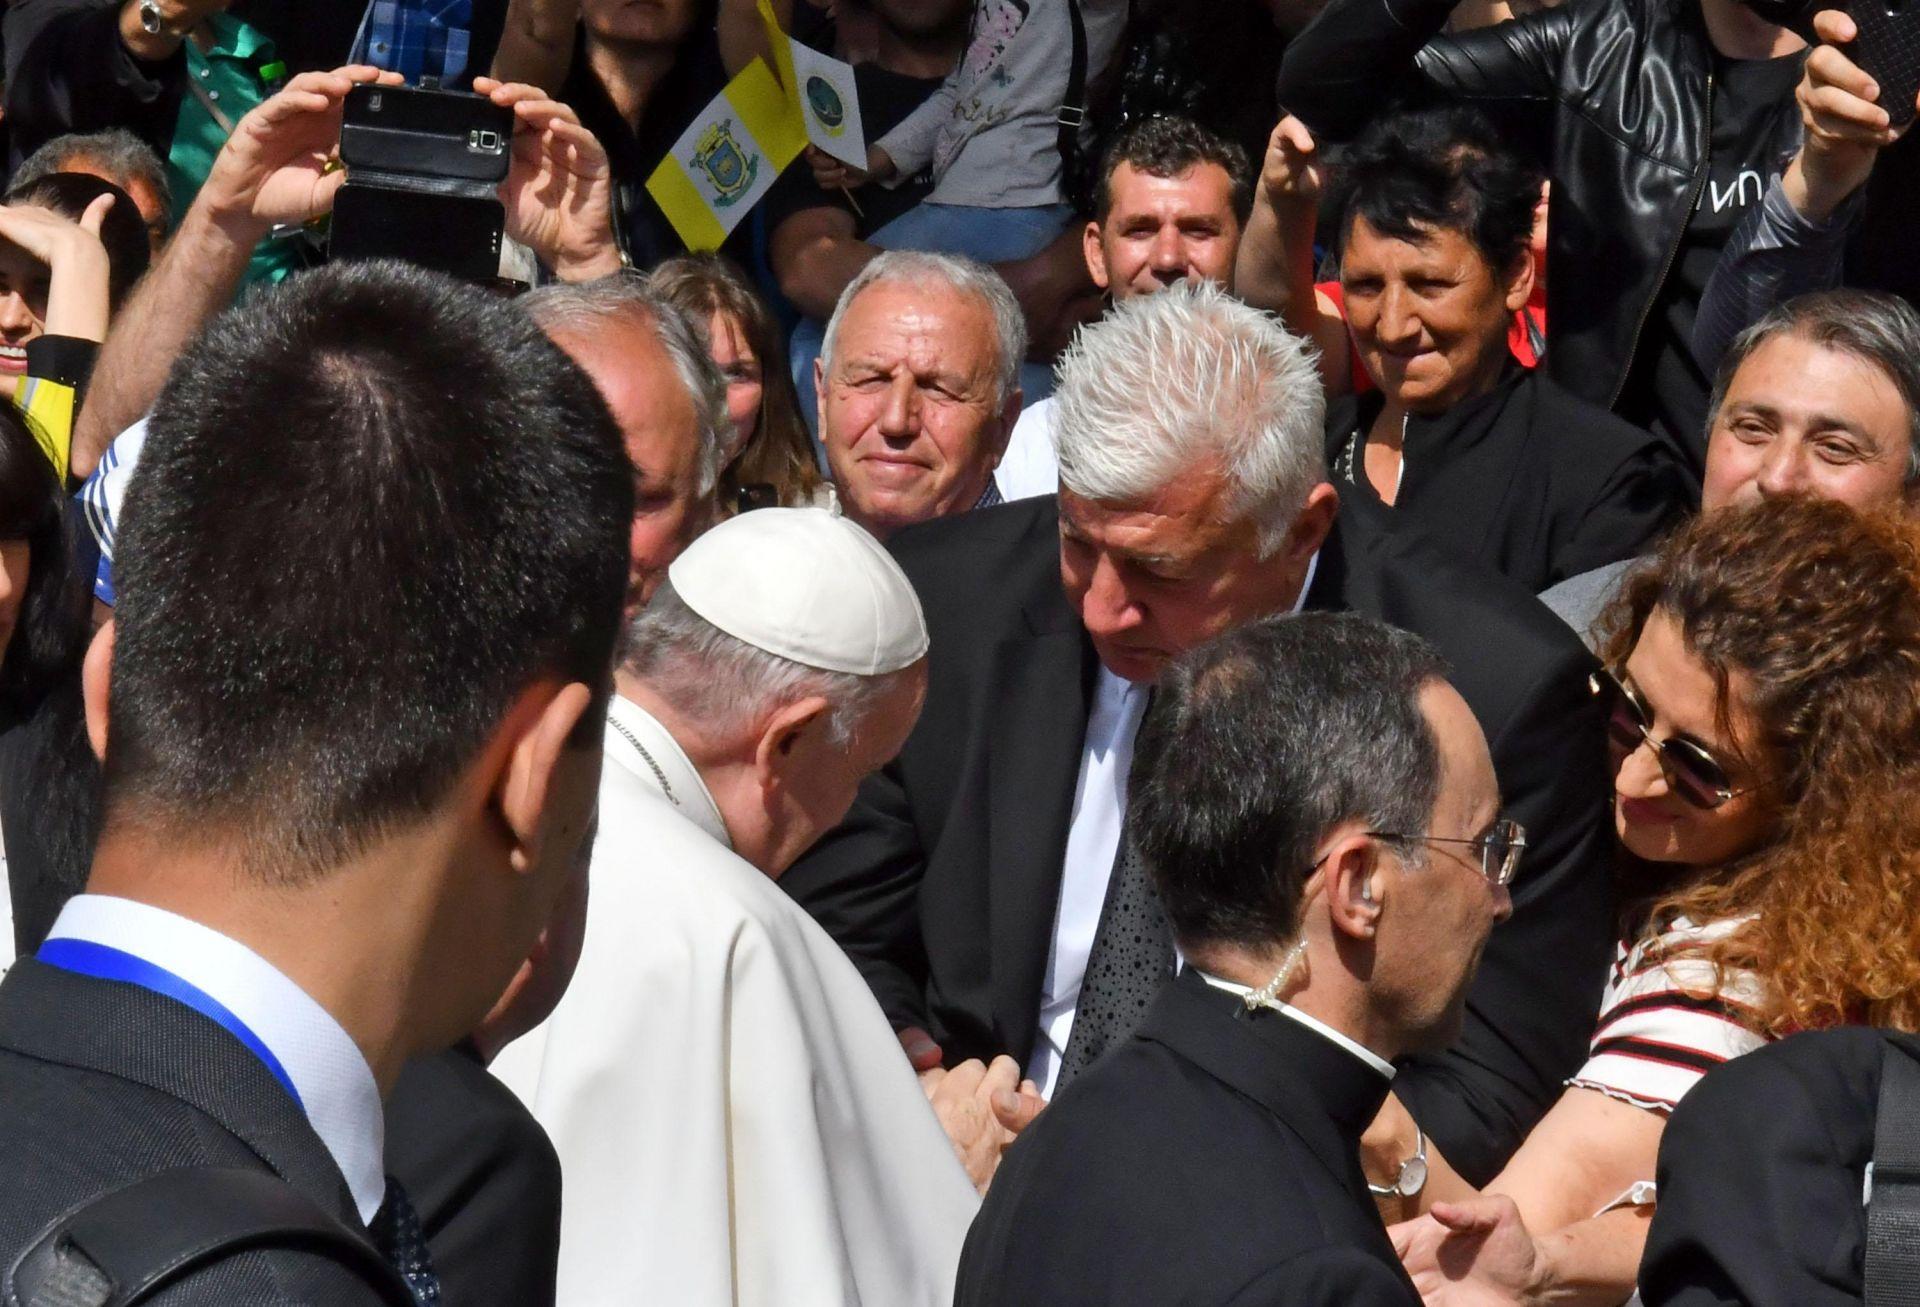 6 май 2019 г. Областният управител на Пловдив Здравко Димитров приема поздравление от папа Франциск при посещението на Светия отец в Раковски